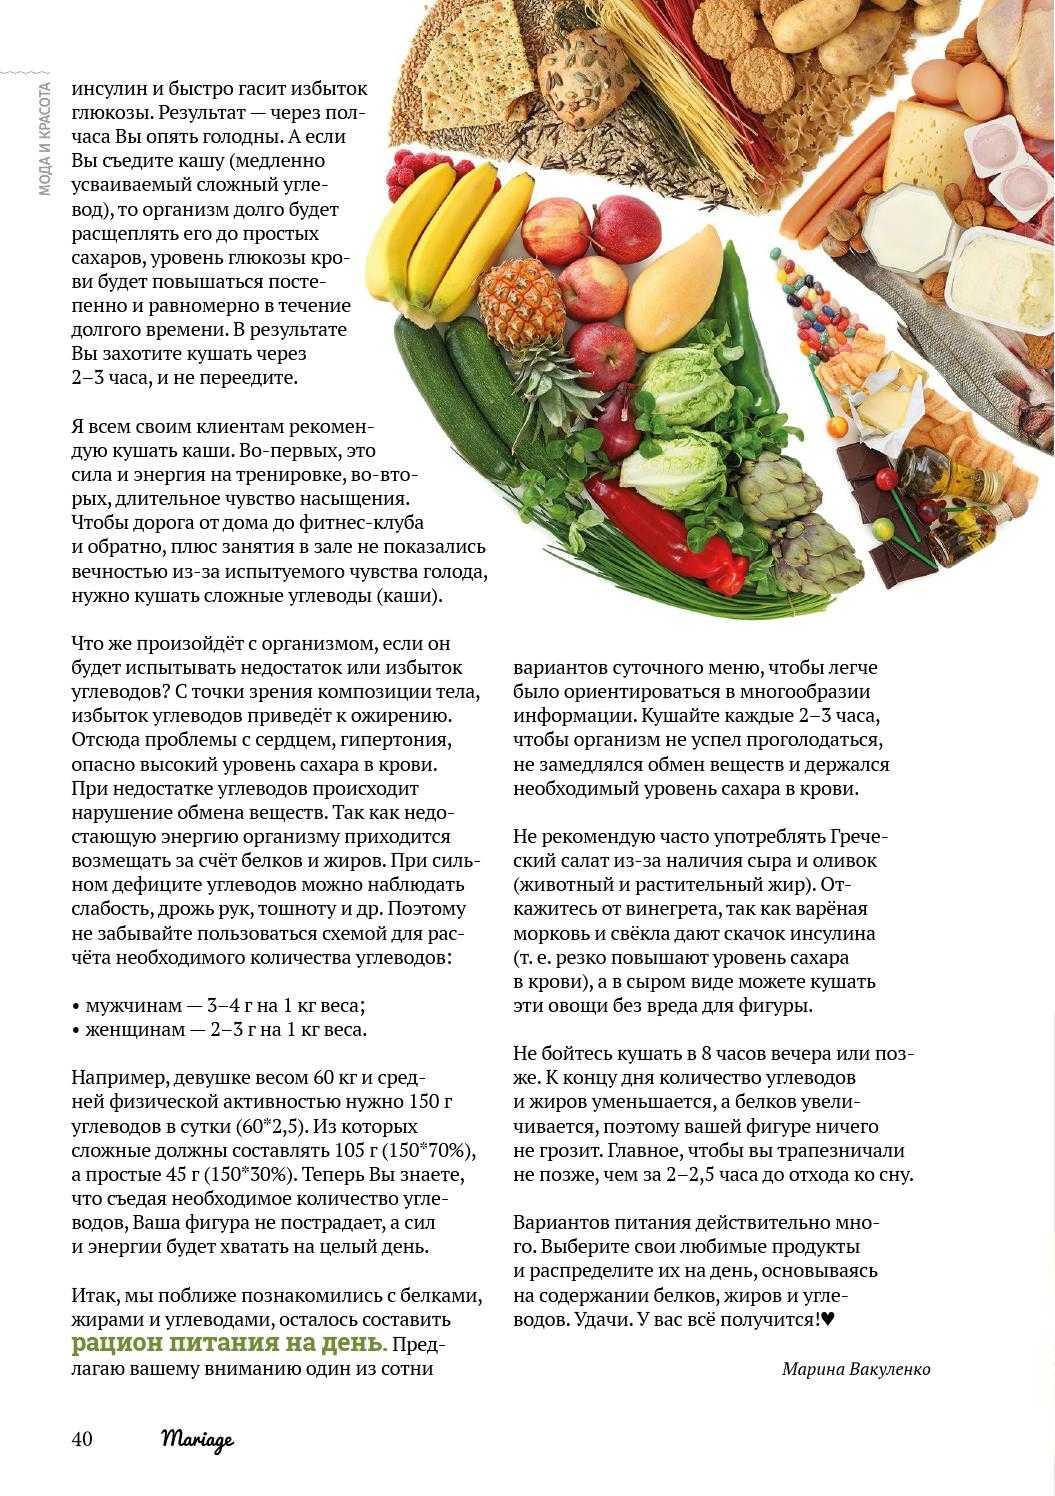 Сложные углеводы - список продуктов для похудения в таблице